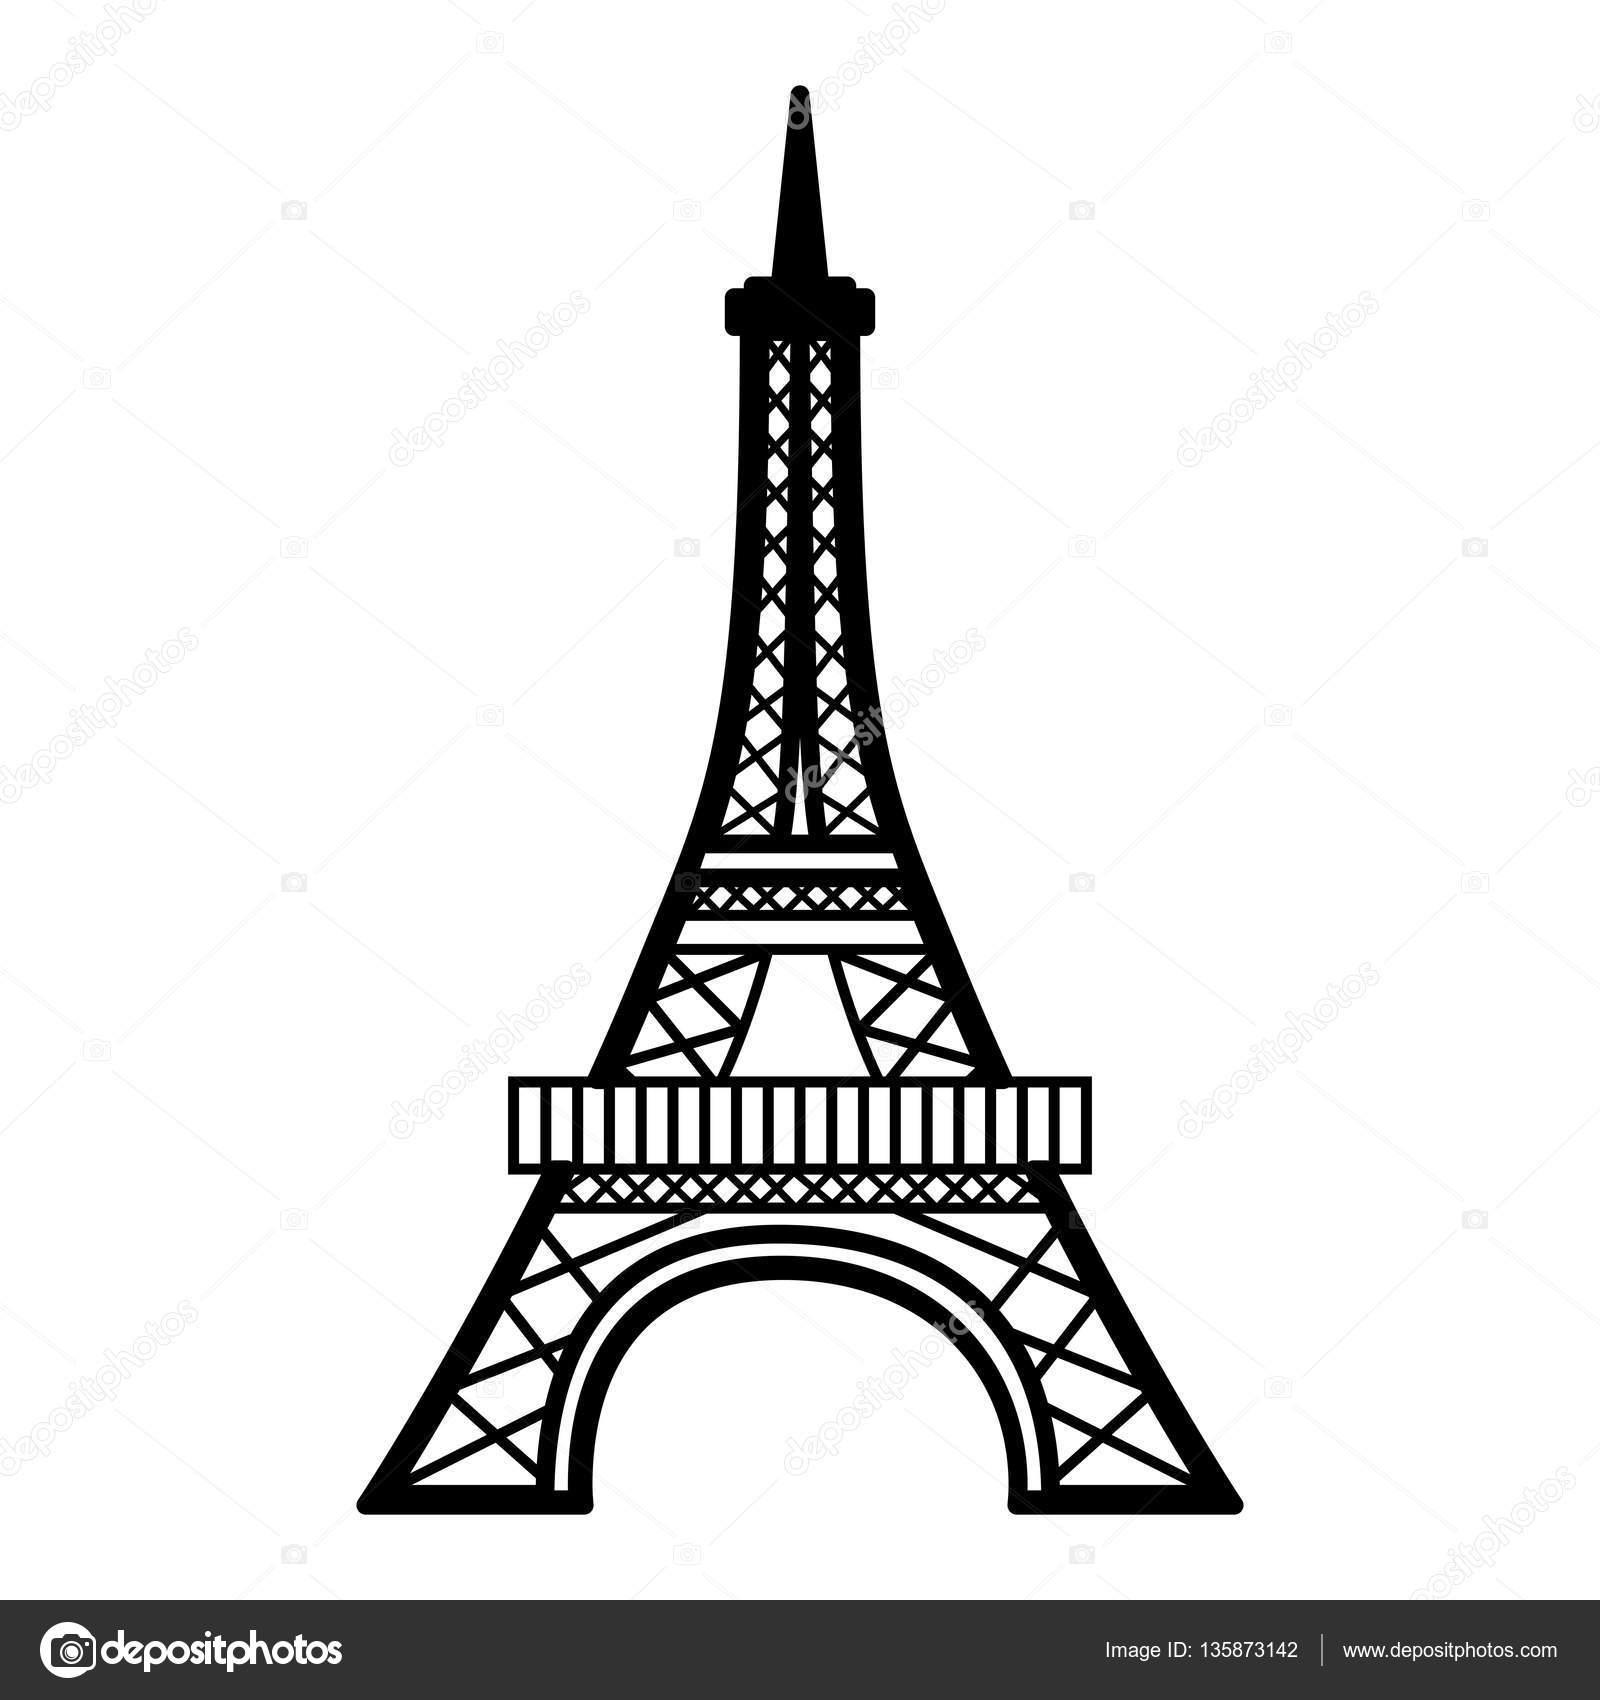 Torre Eiffel Drawing At Getdrawings